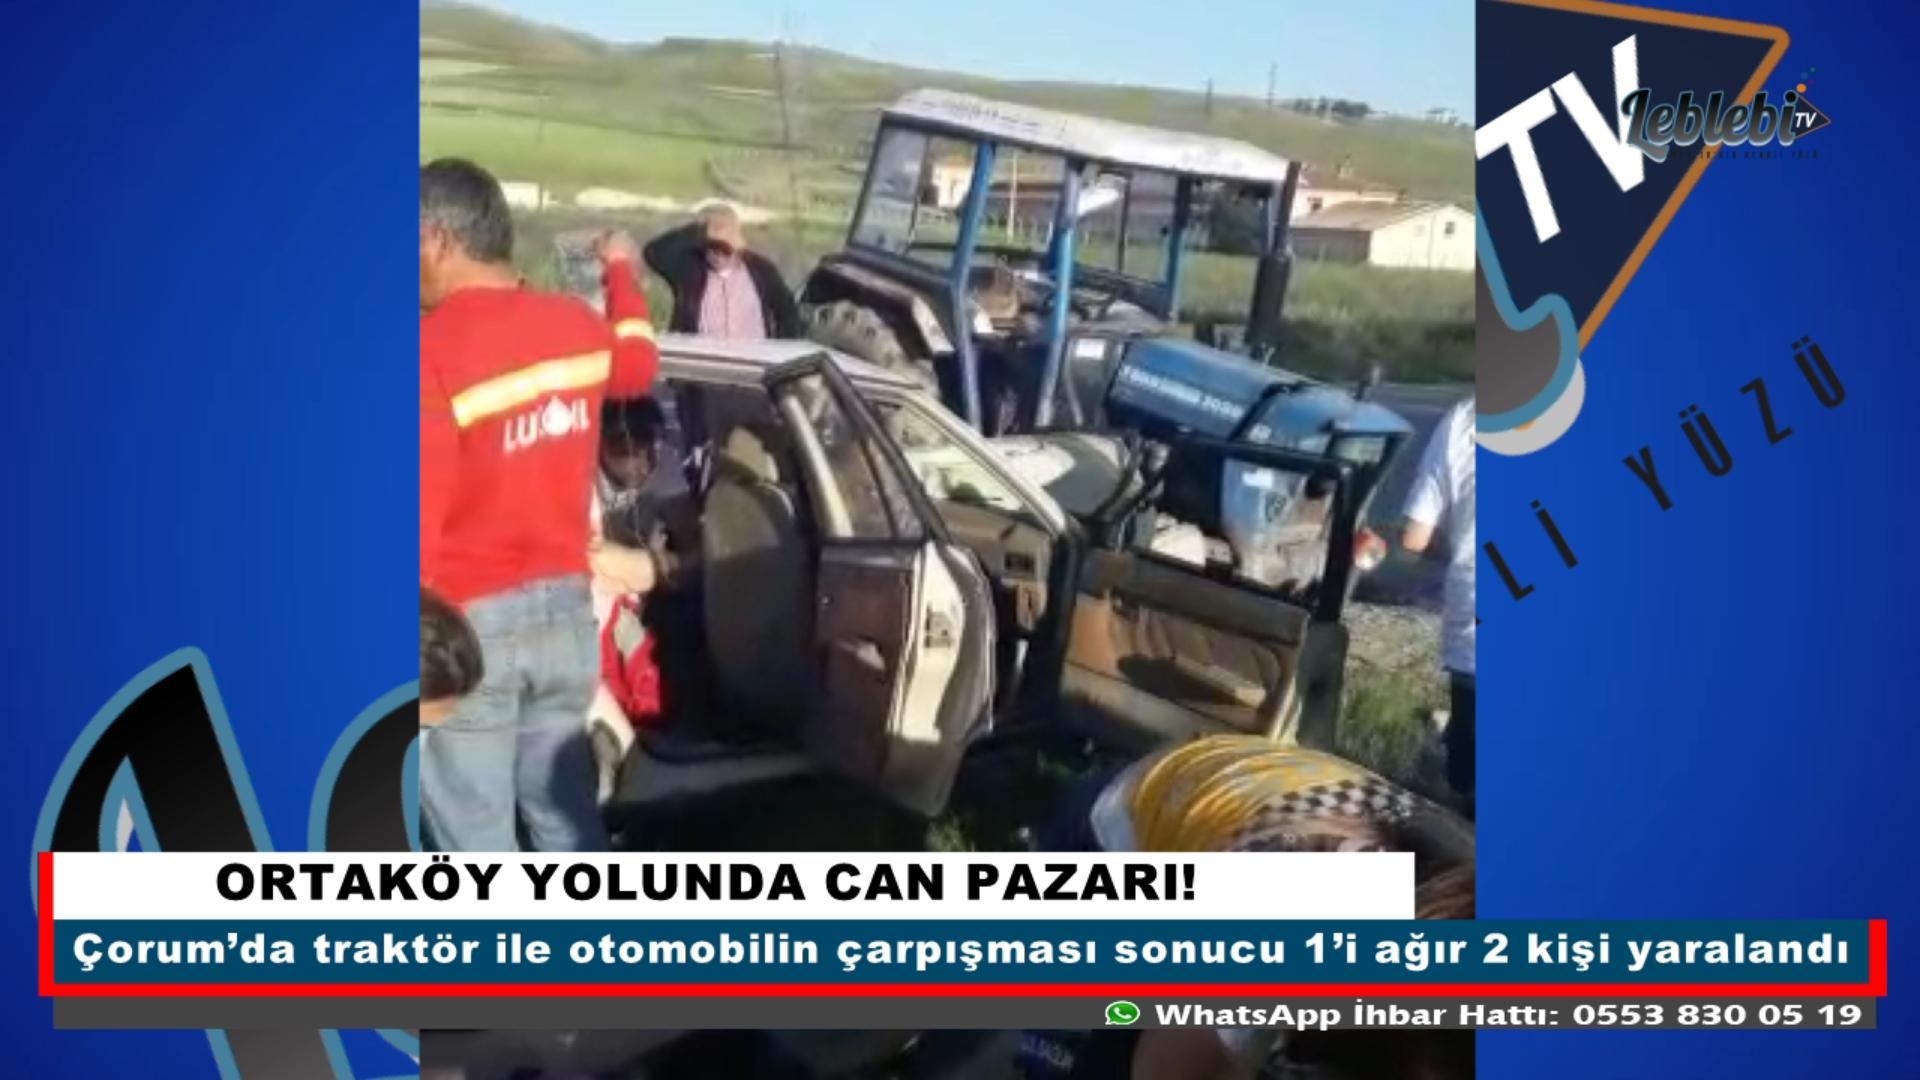 ORTAKÖY YOLUNDA CAN PAZARI!